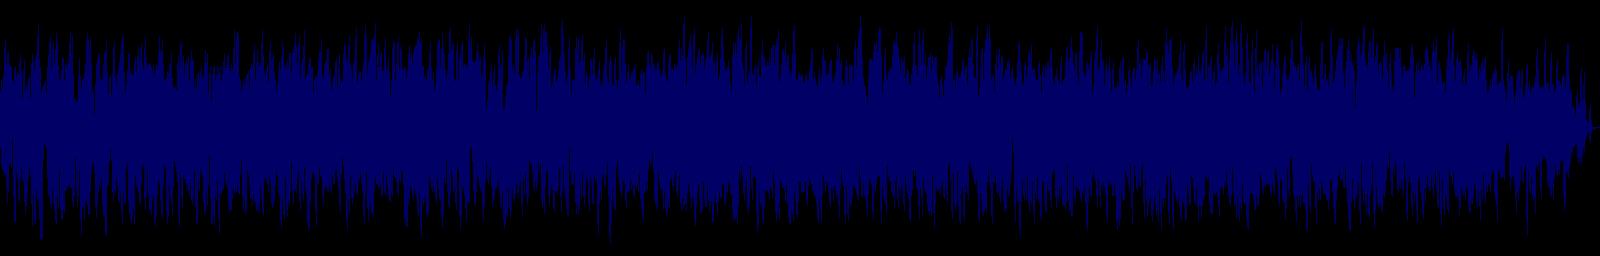 waveform of track #127975